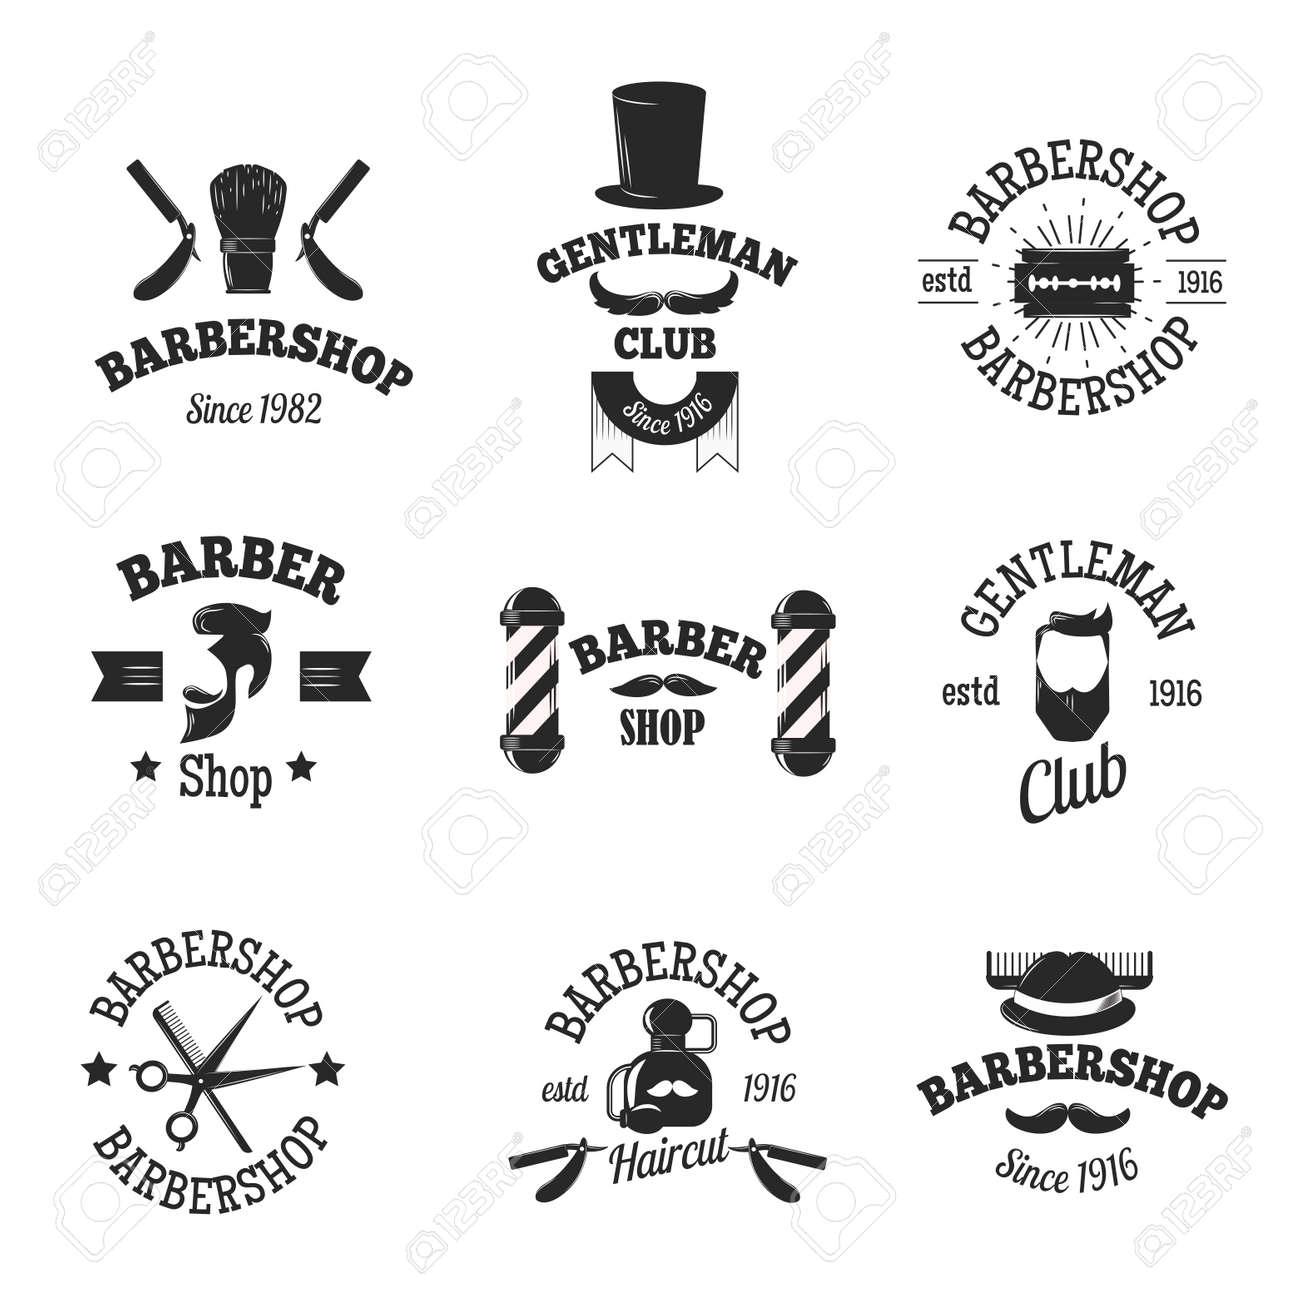 Clip art vector of vintage barber shop logo graphics and icon vector - Set Of Vintage Barber Shop Logo Graphics And Barber Shops Logo Icons Vector Barber Badges